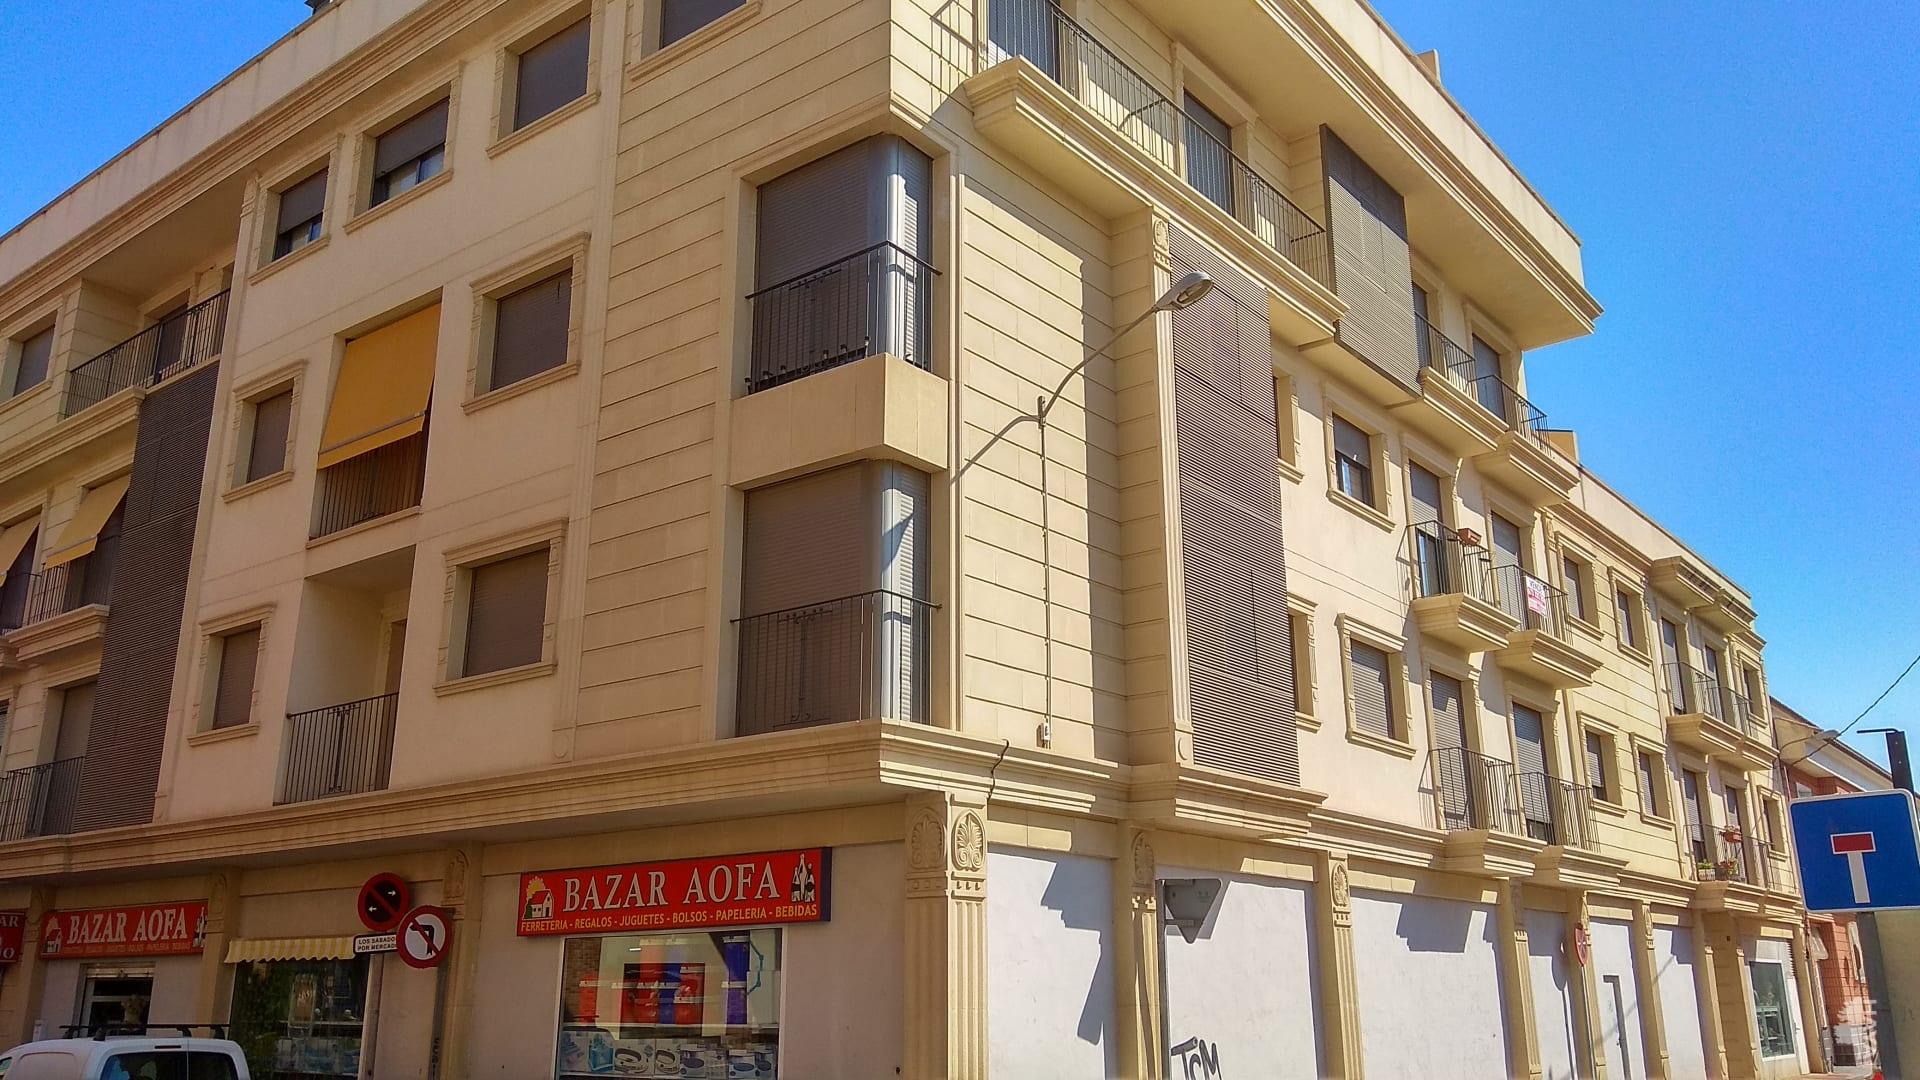 Piso en venta en Murcia, Murcia, Calle Pablo Iglesias, 112.020 €, 2 habitaciones, 2 baños, 109 m2